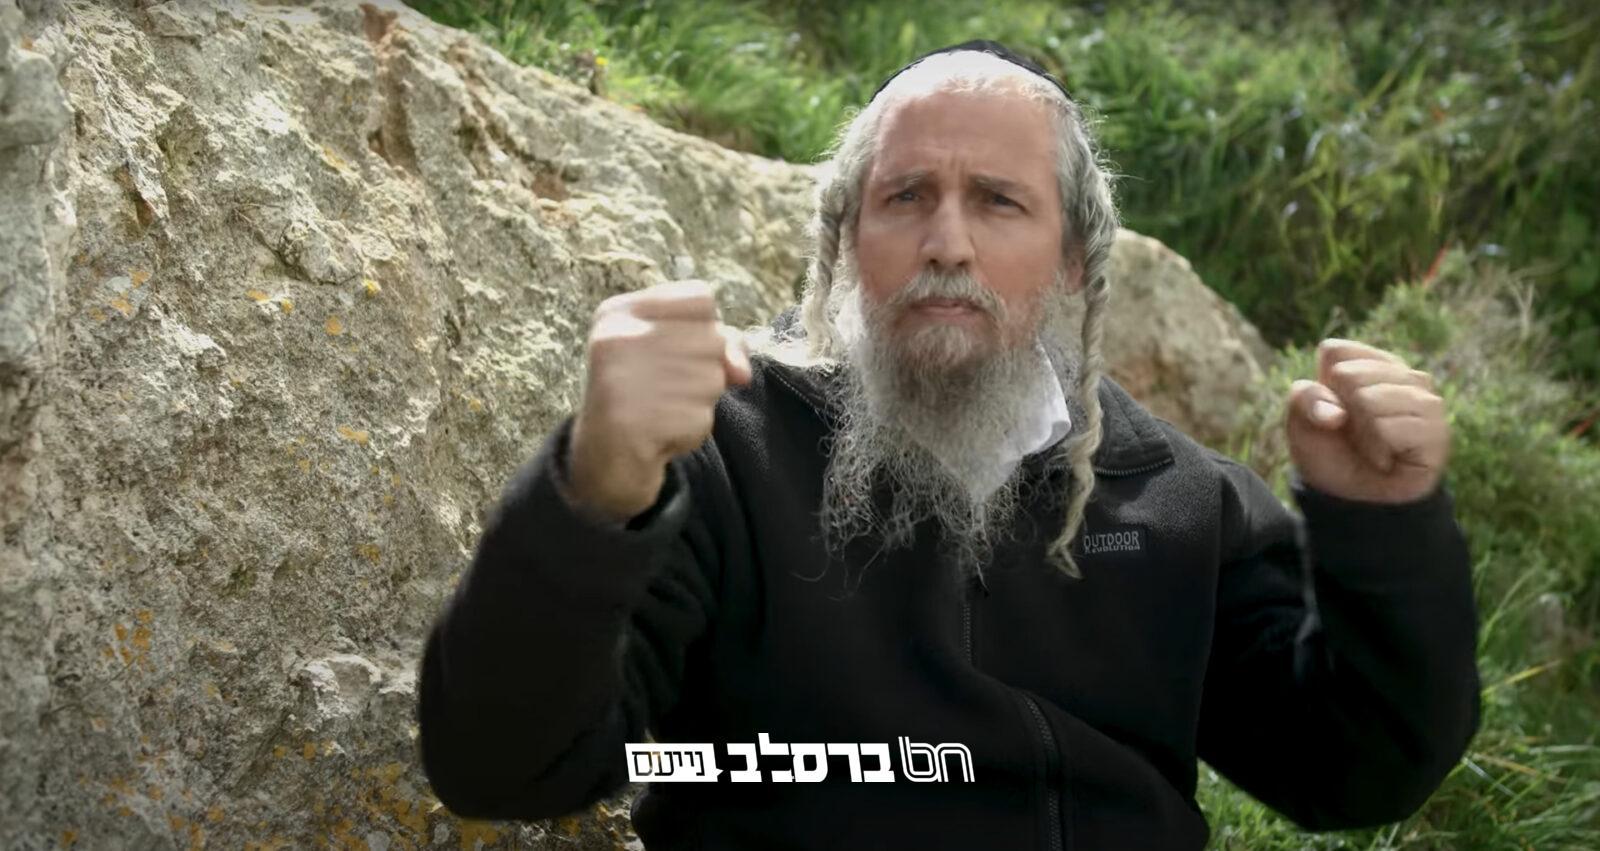 פֶּסַח • הרב ארז משה דורון בשיחה בין עצי היער • צפו